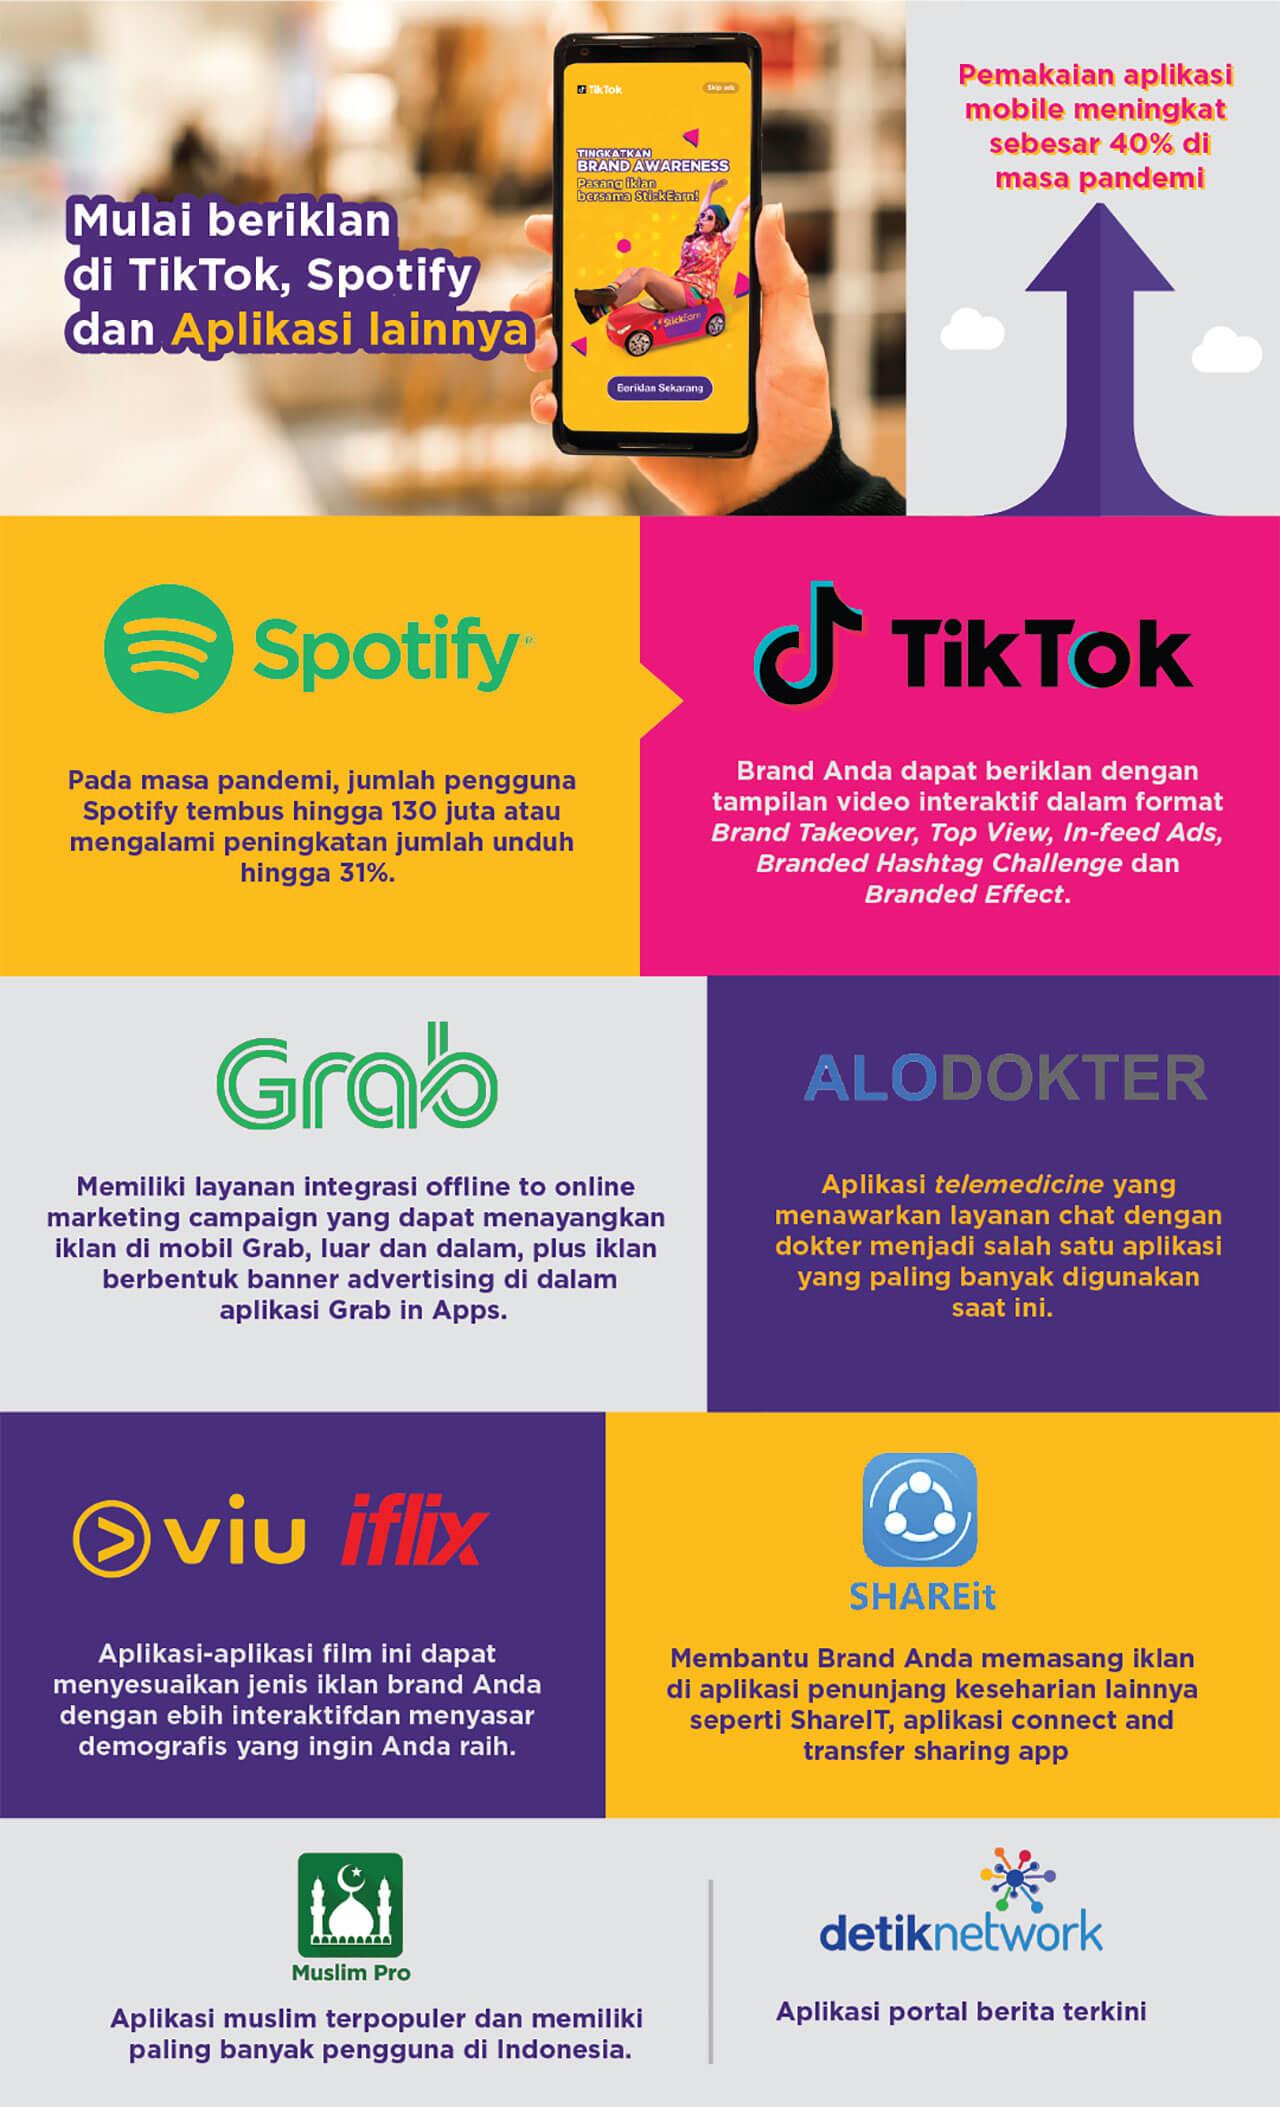 Mulai Beriklan dengan Tiktok, Spotify dan Aplikasi lainnya